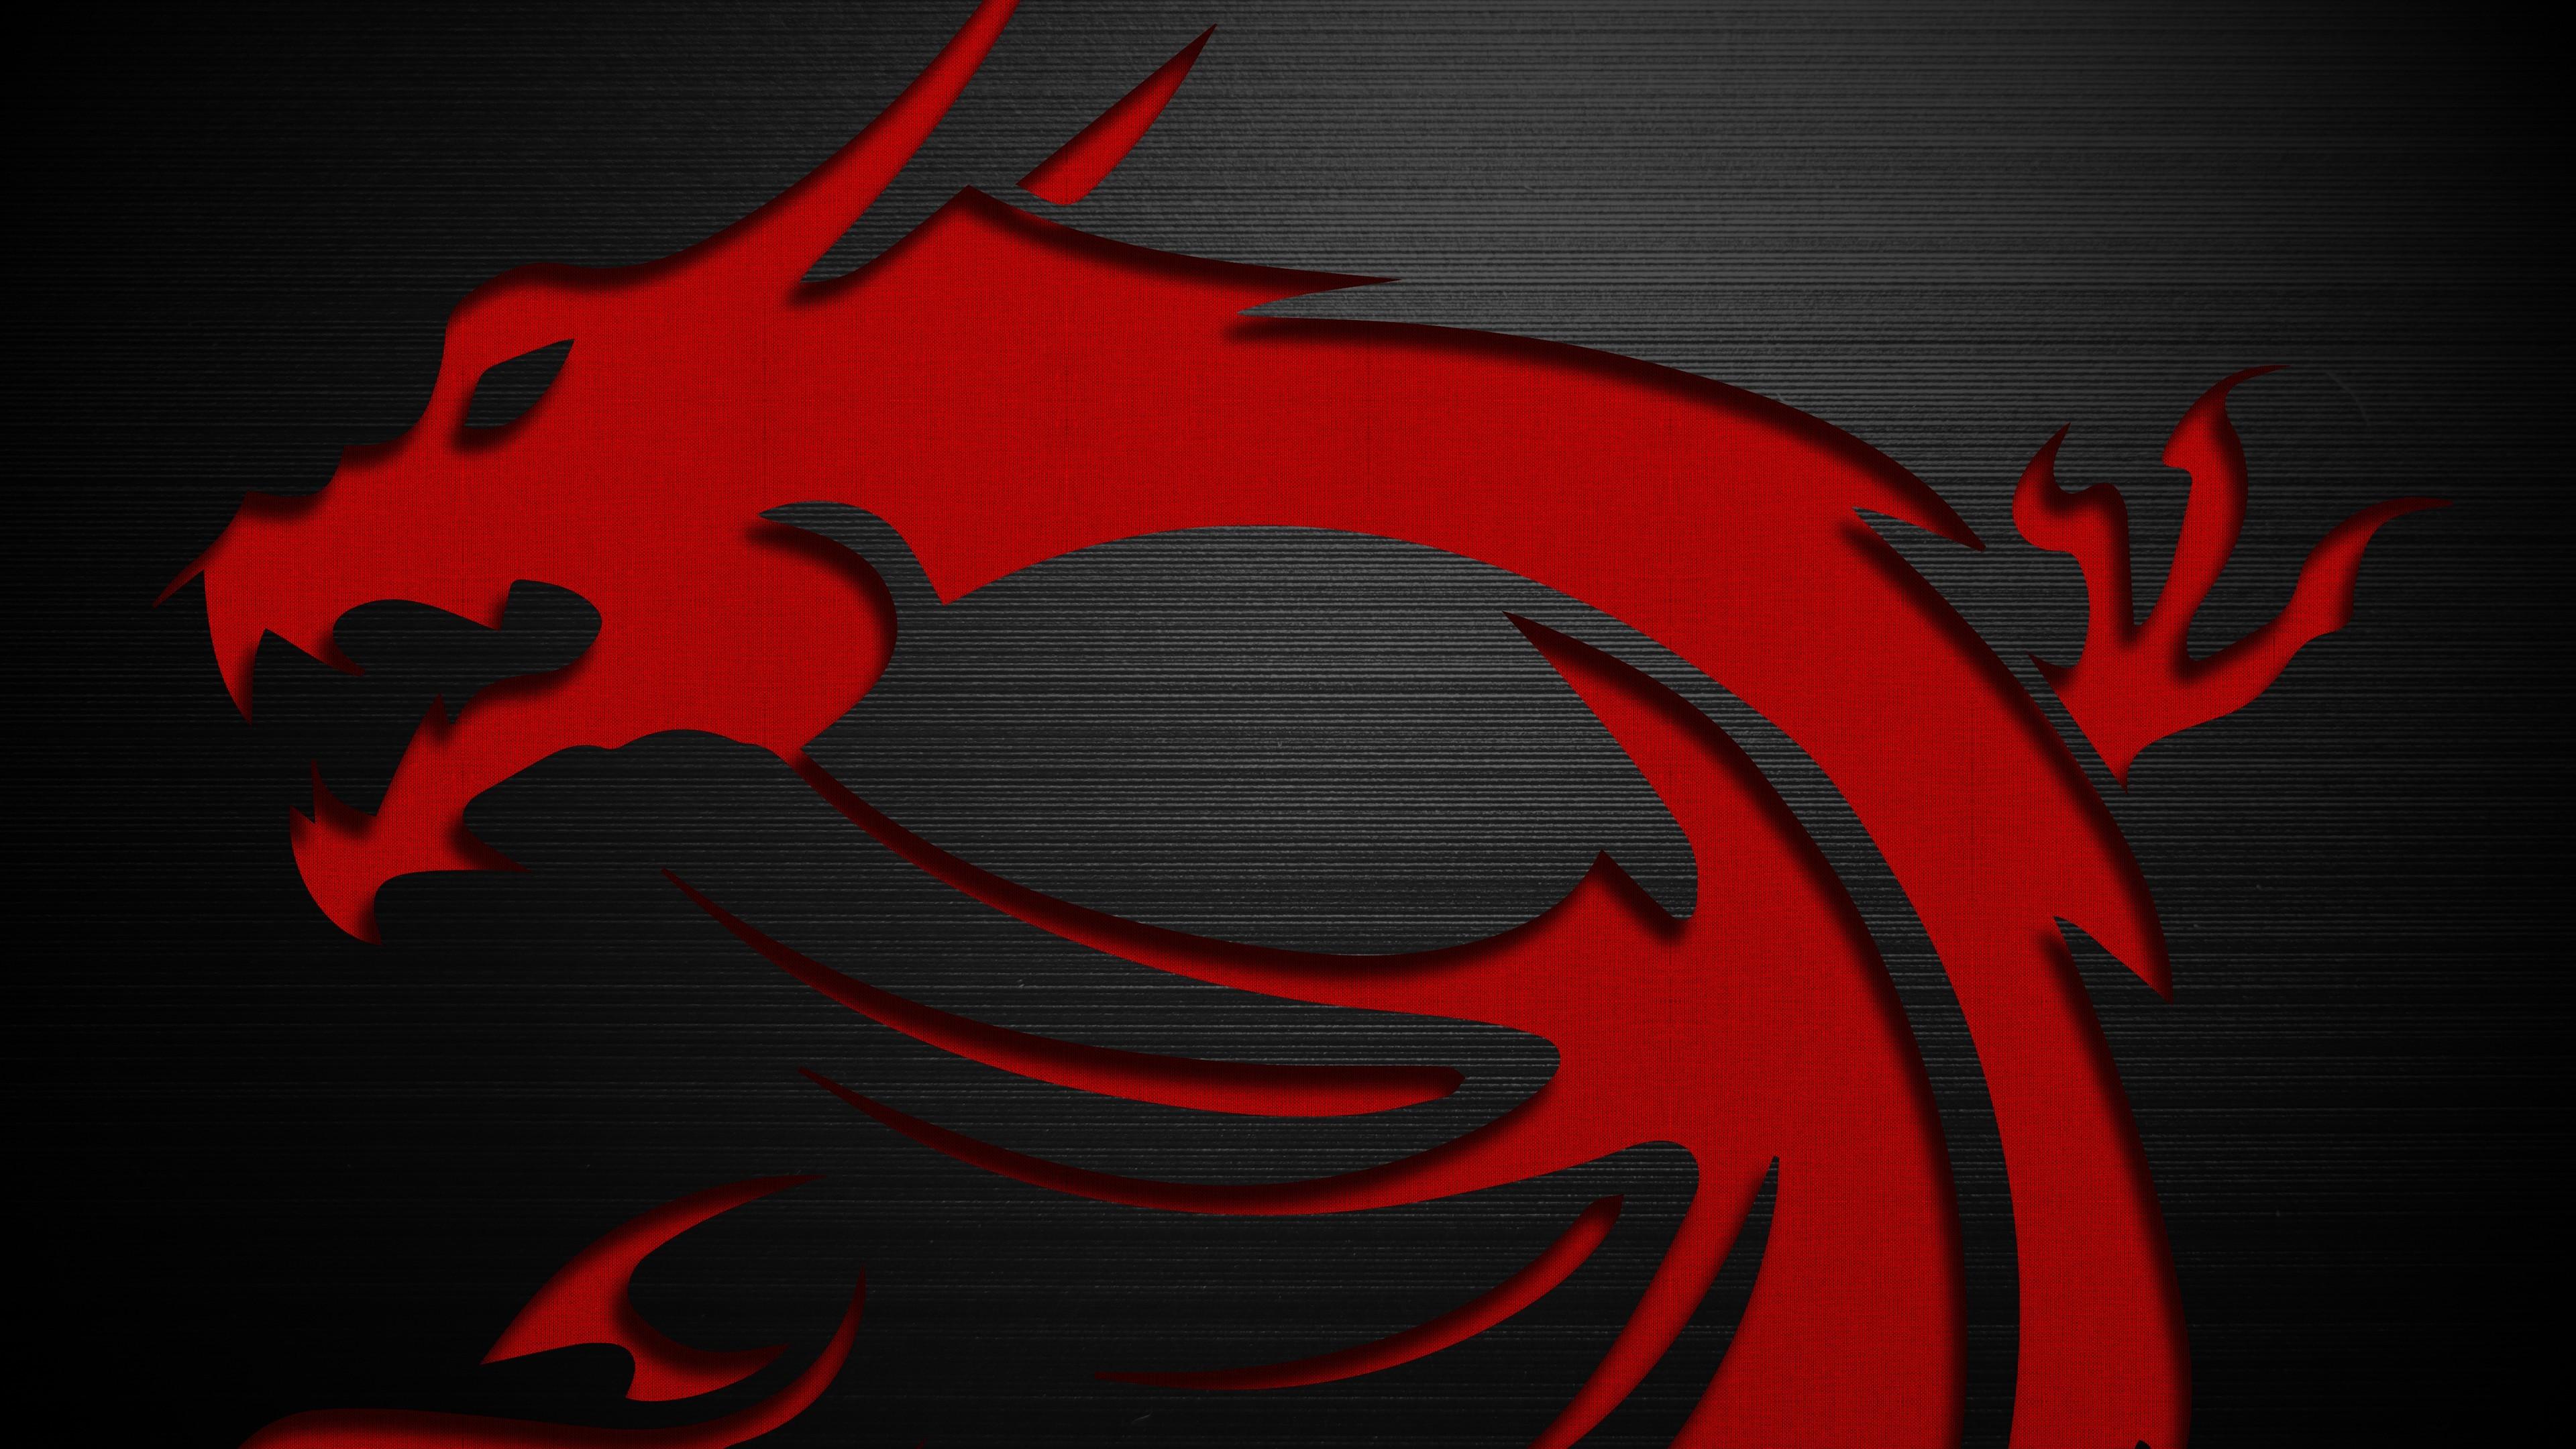 Fondos De Pantalla 3840x2160 Px Dragón Hardware Logo